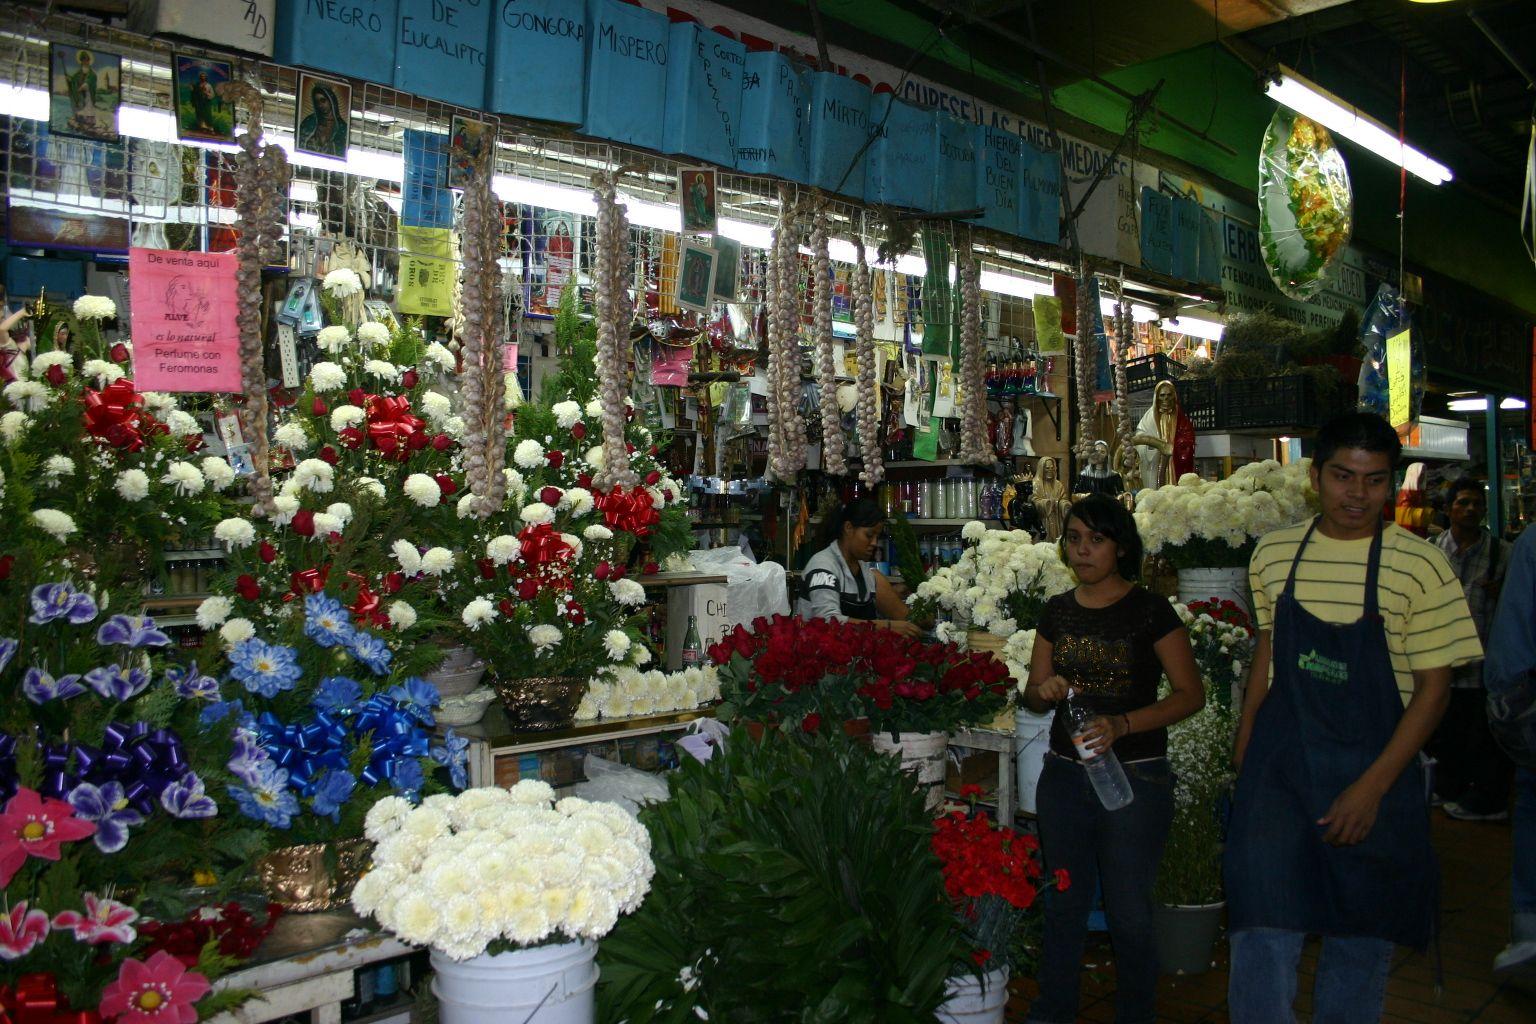 market stand at Mercado Juarez  downtown  Monterrey, Nuevo leon